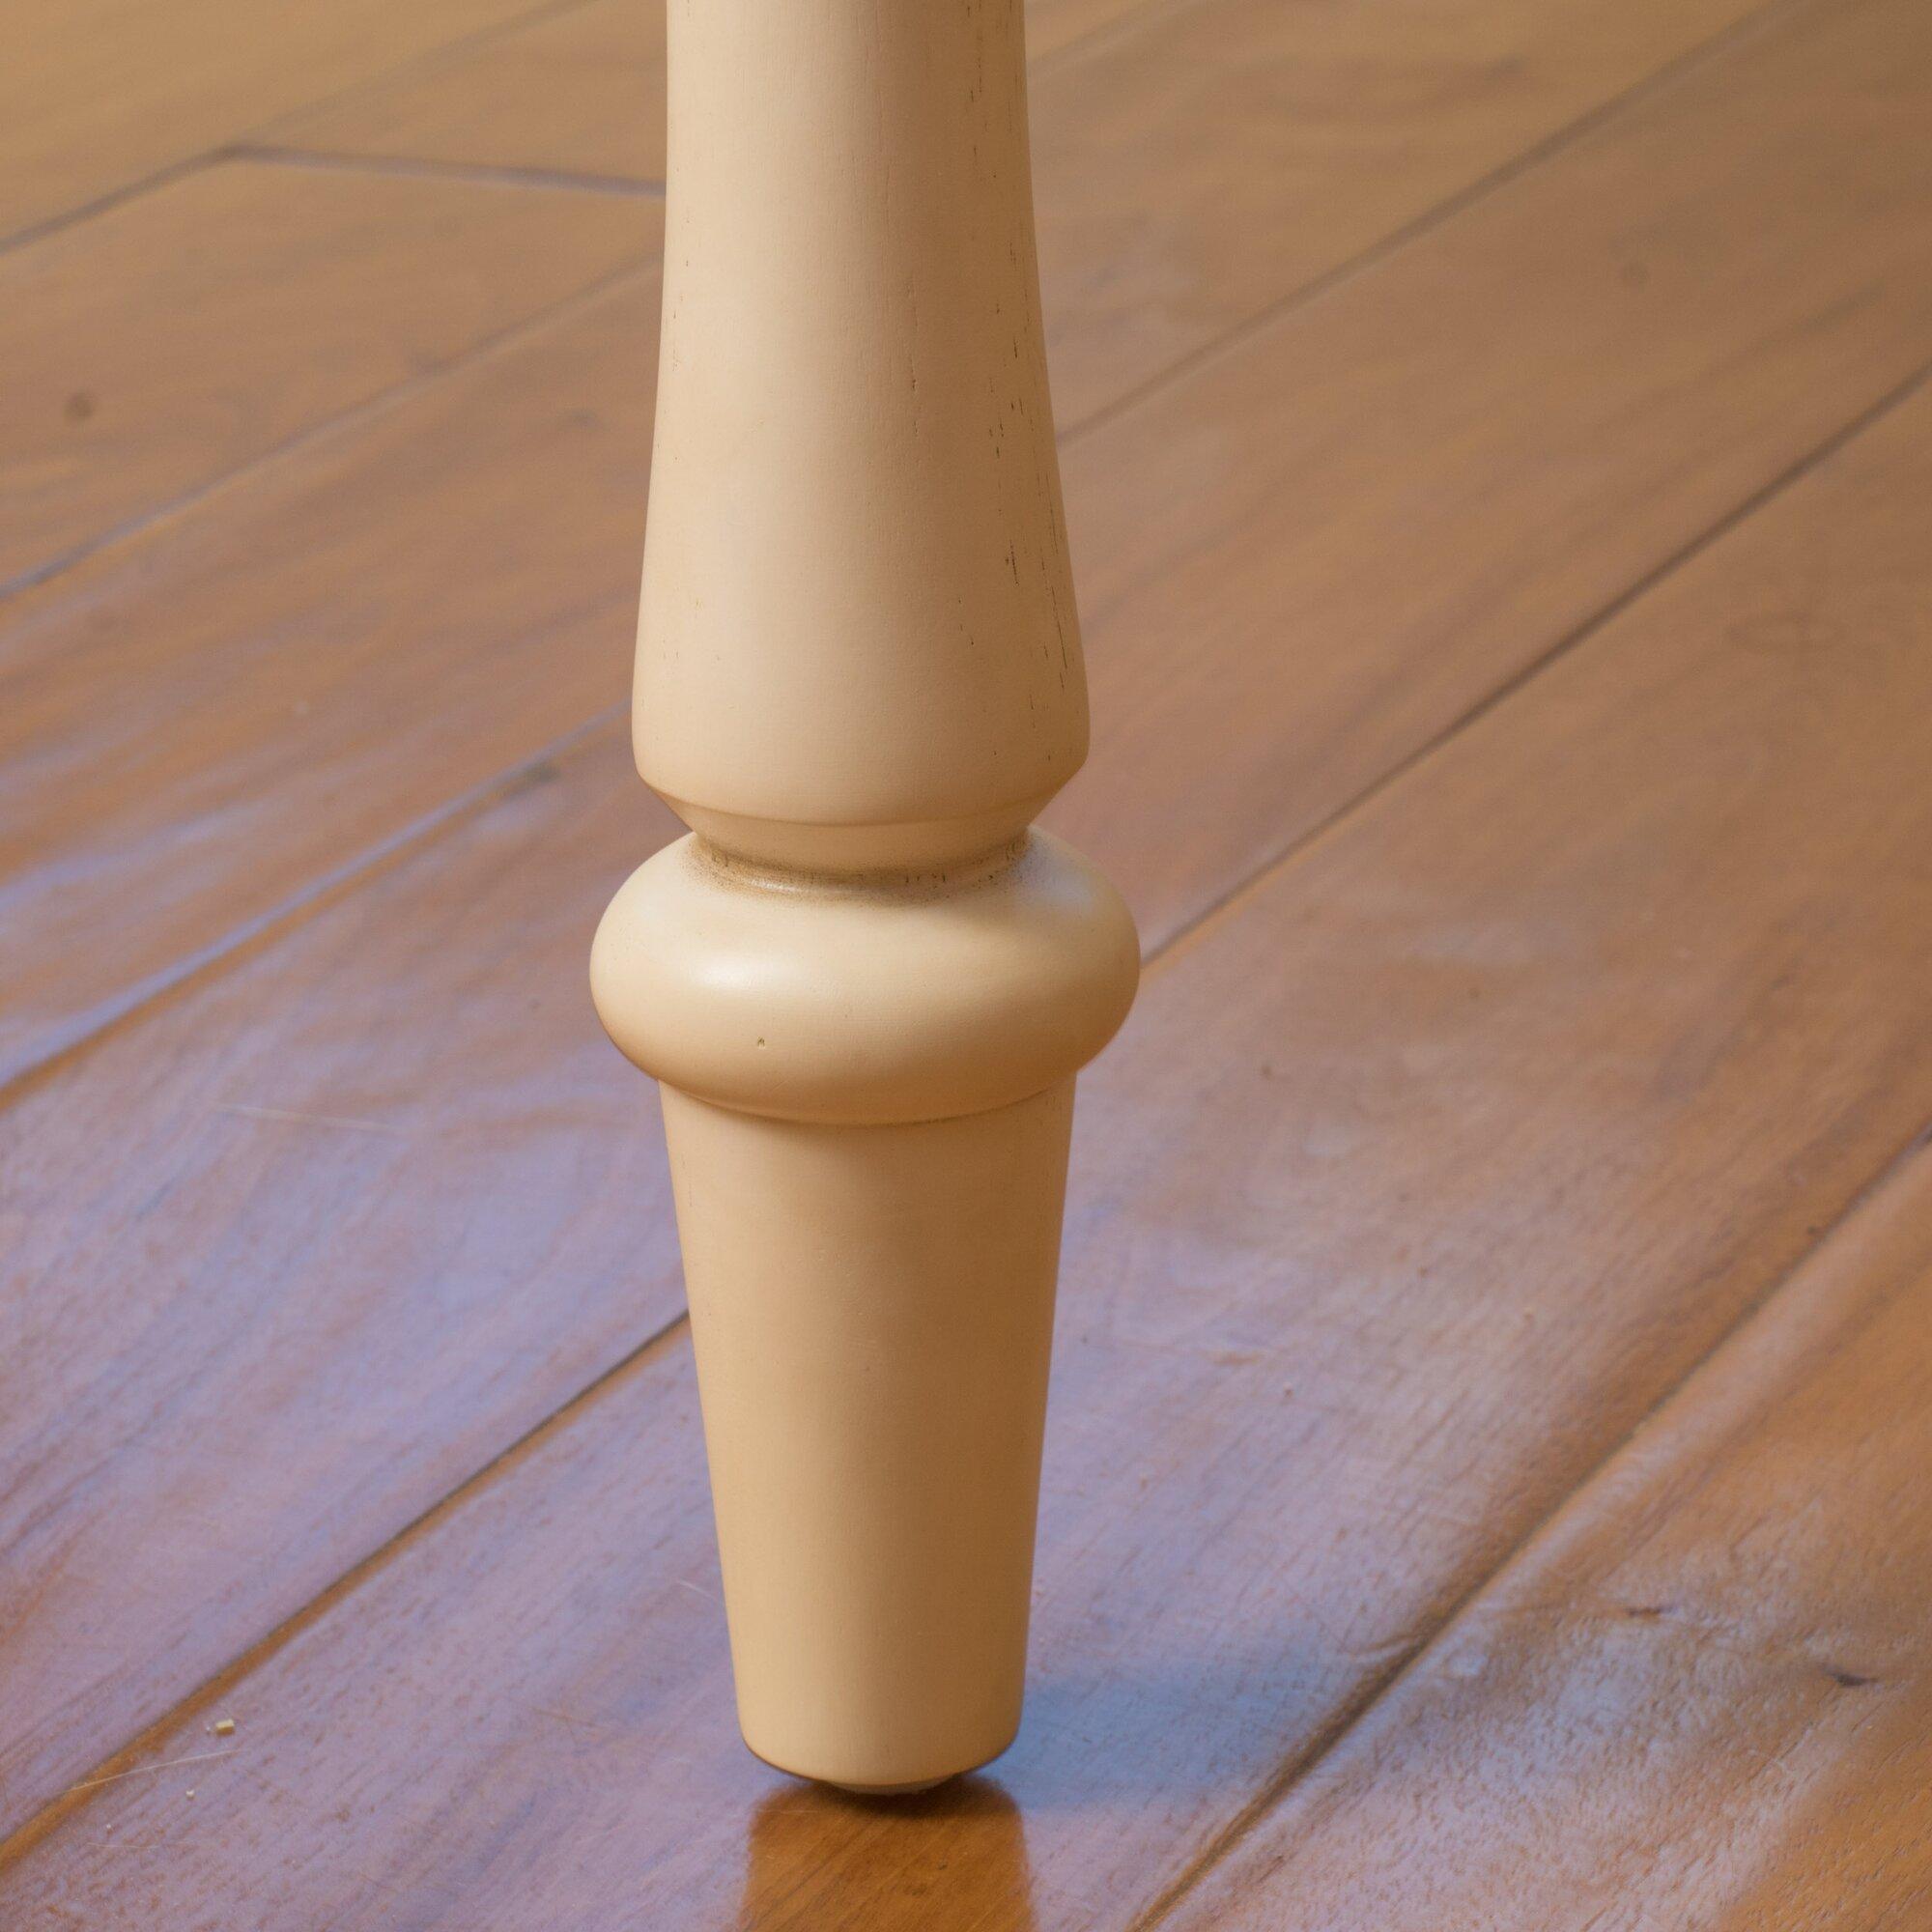 Alcott Hill Hardy Dining Table amp Reviews Wayfairca : HardyDiningTable from www.wayfair.ca size 2000 x 2000 jpeg 249kB